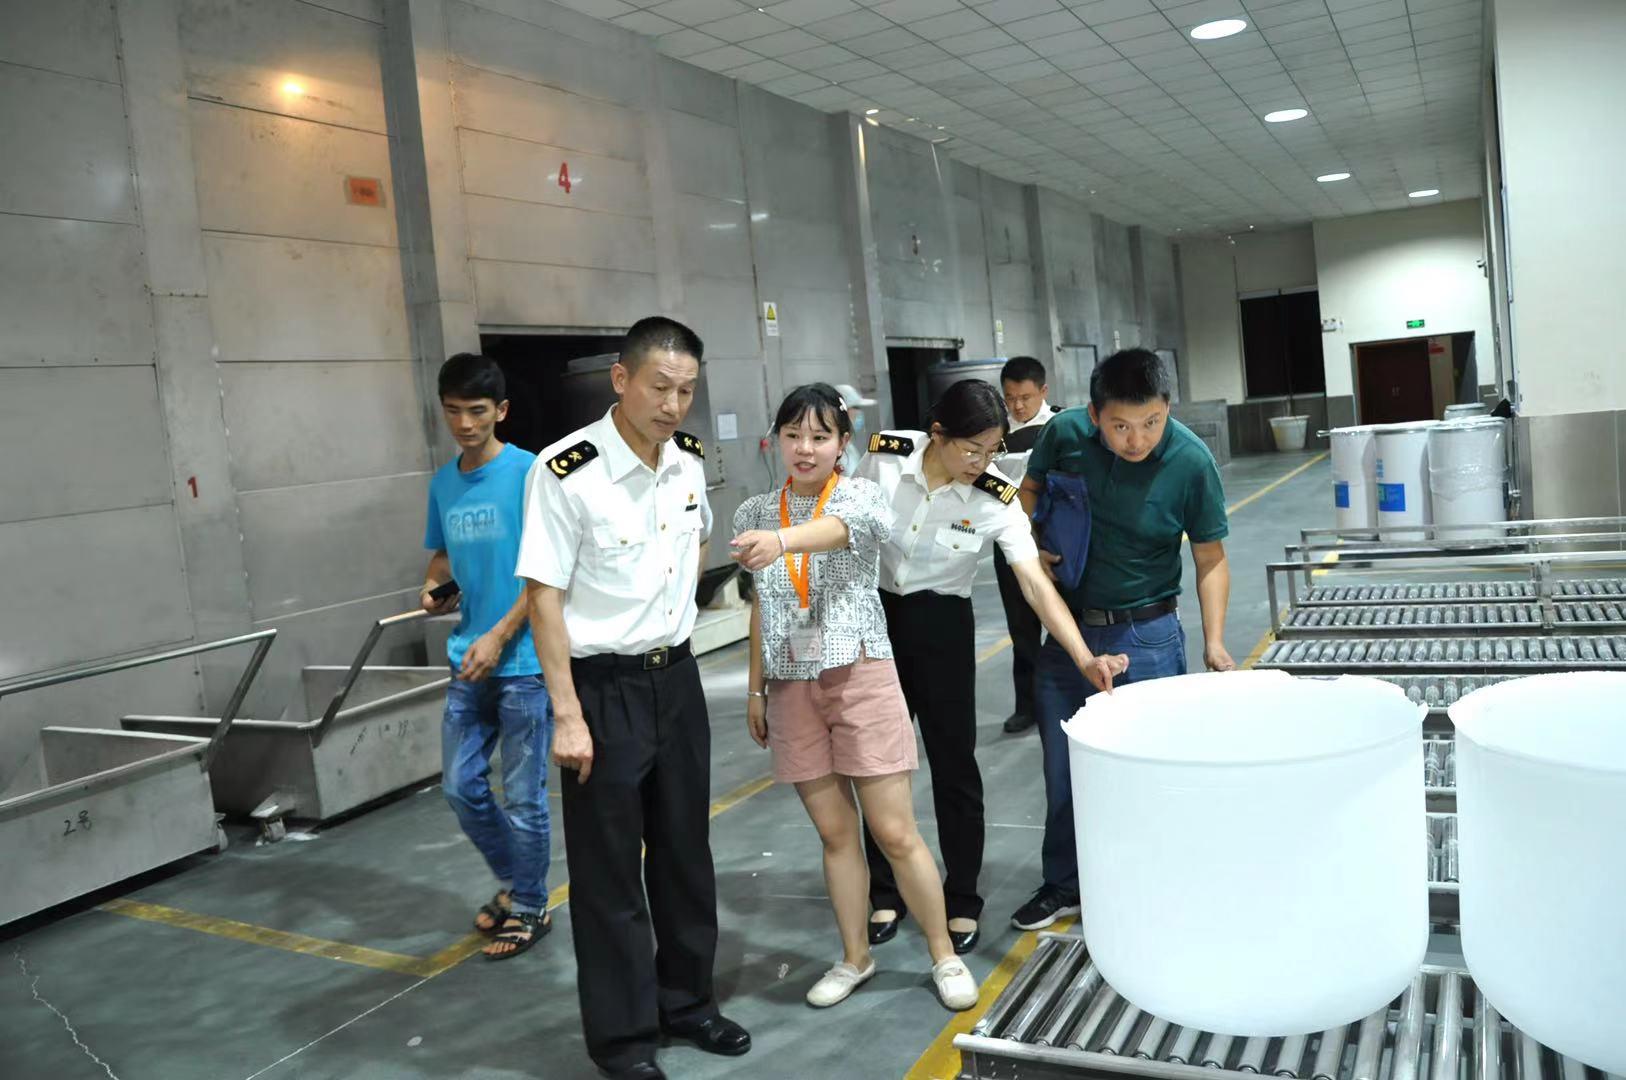 麗江海關全力促外貿穩增長 扶持企業自主申報走出國門